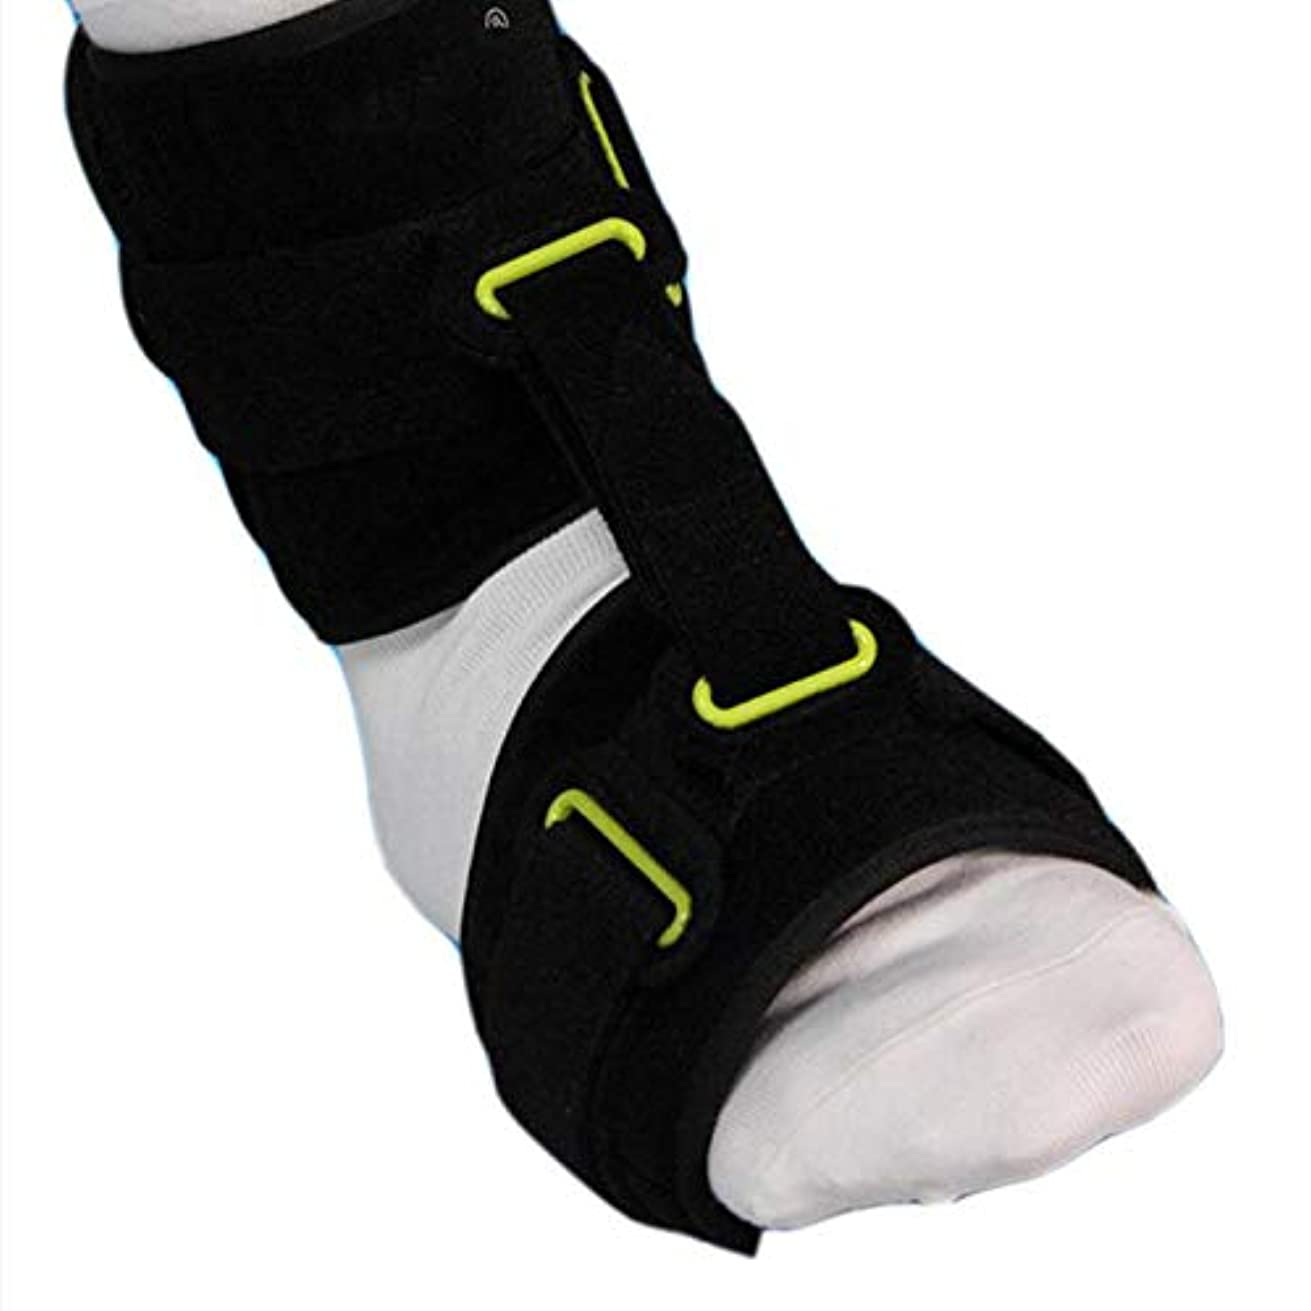 徒歩でモス経由で足首関節フットドロップ装具、調整可能な足首装具補正AFOが足底筋膜炎の昼と夜の副木装具をサポート